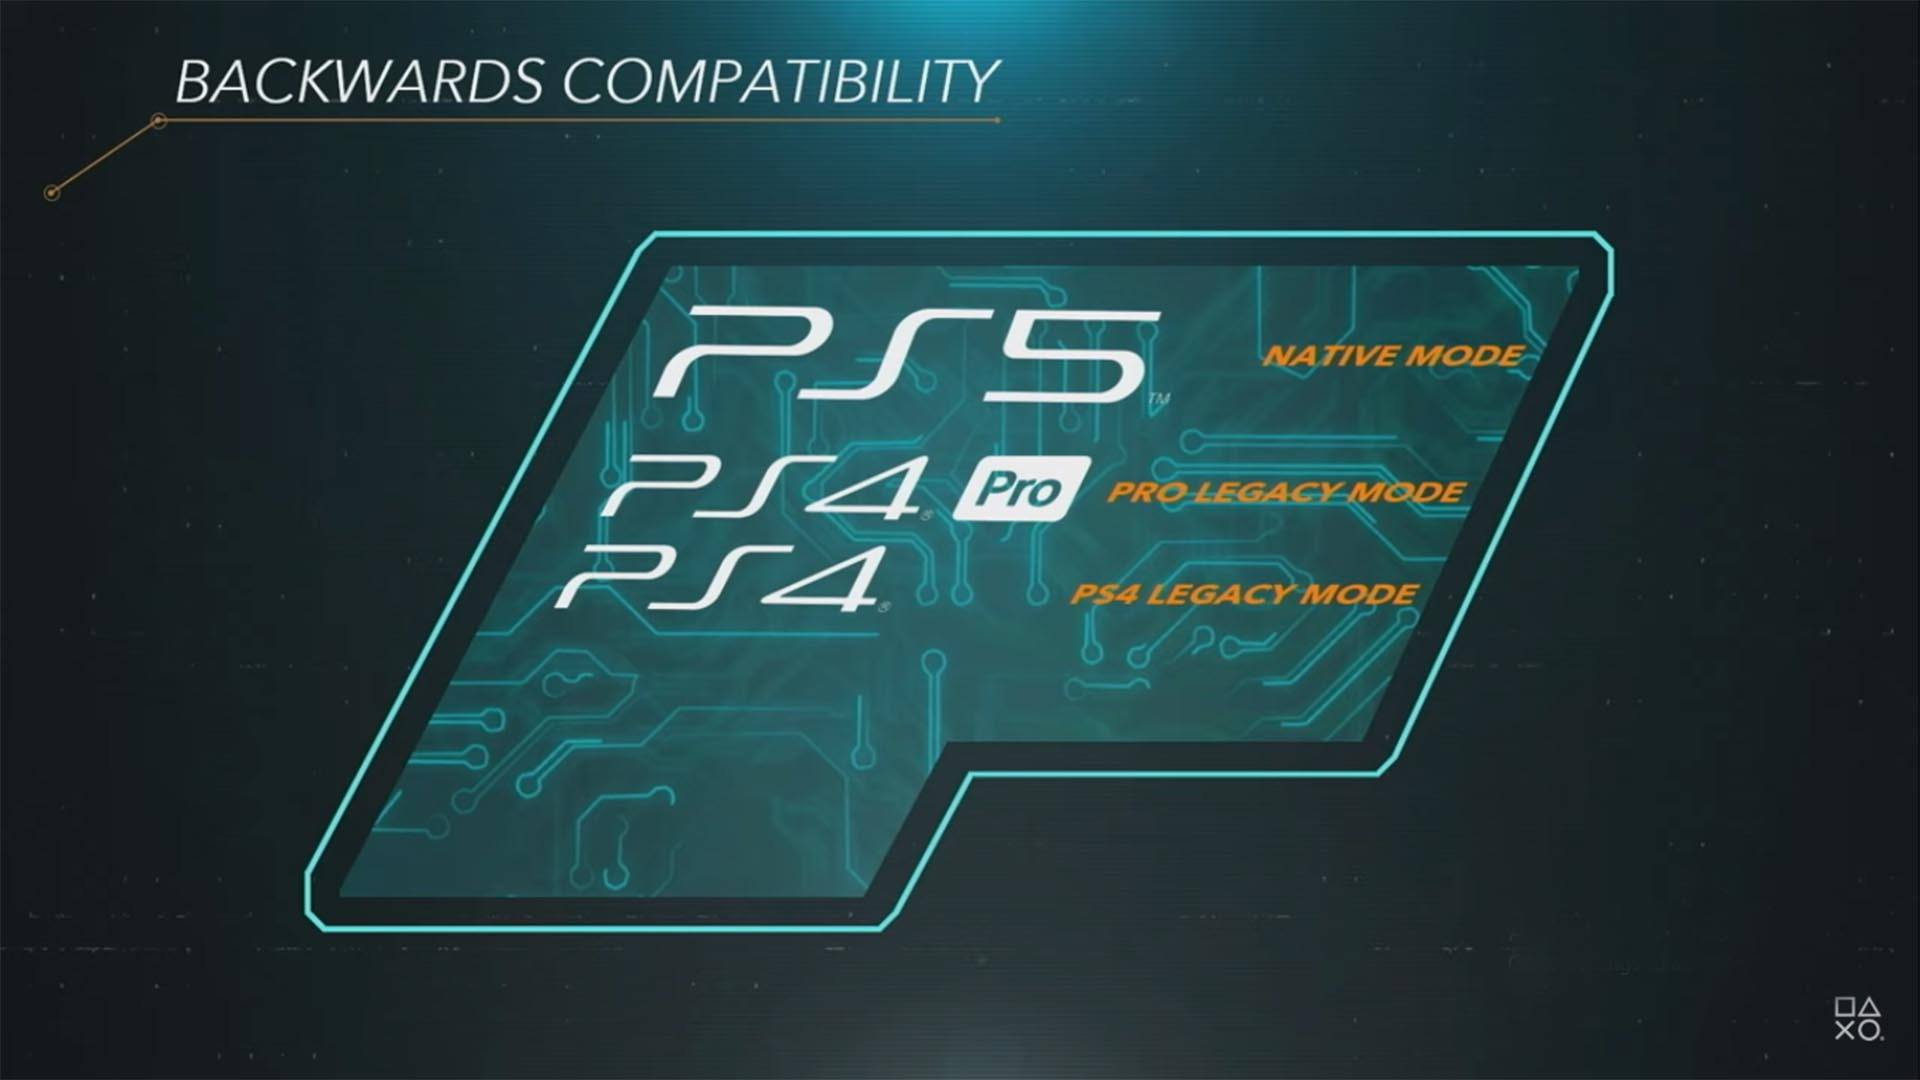 Sony PS5 Backward Compatibility